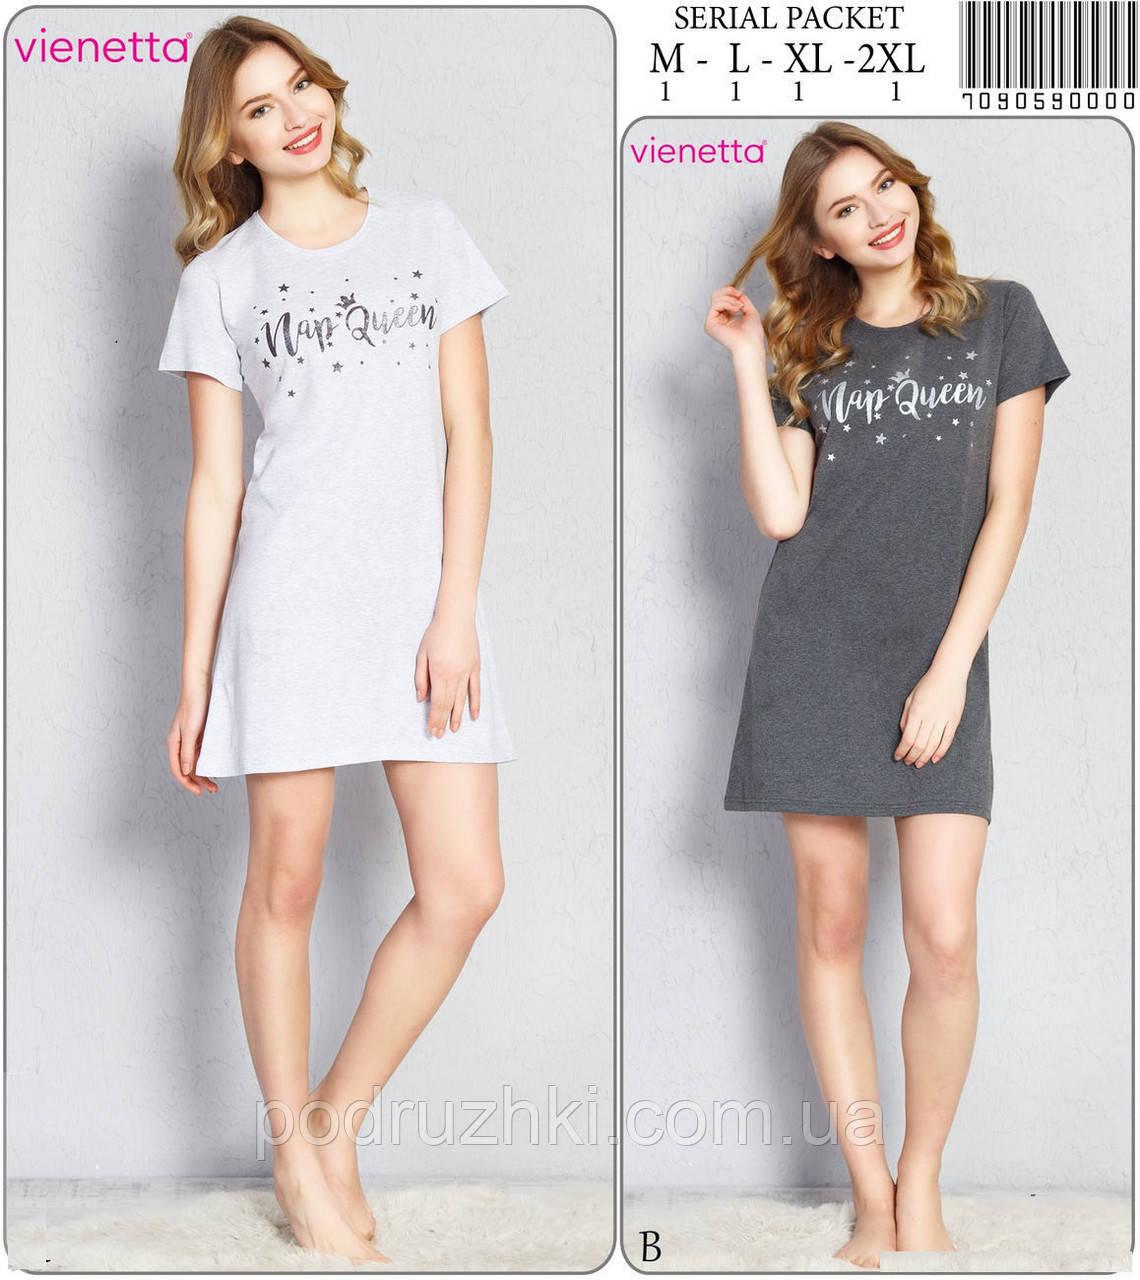 Ночная сорочка женская (туника) VIENETTA